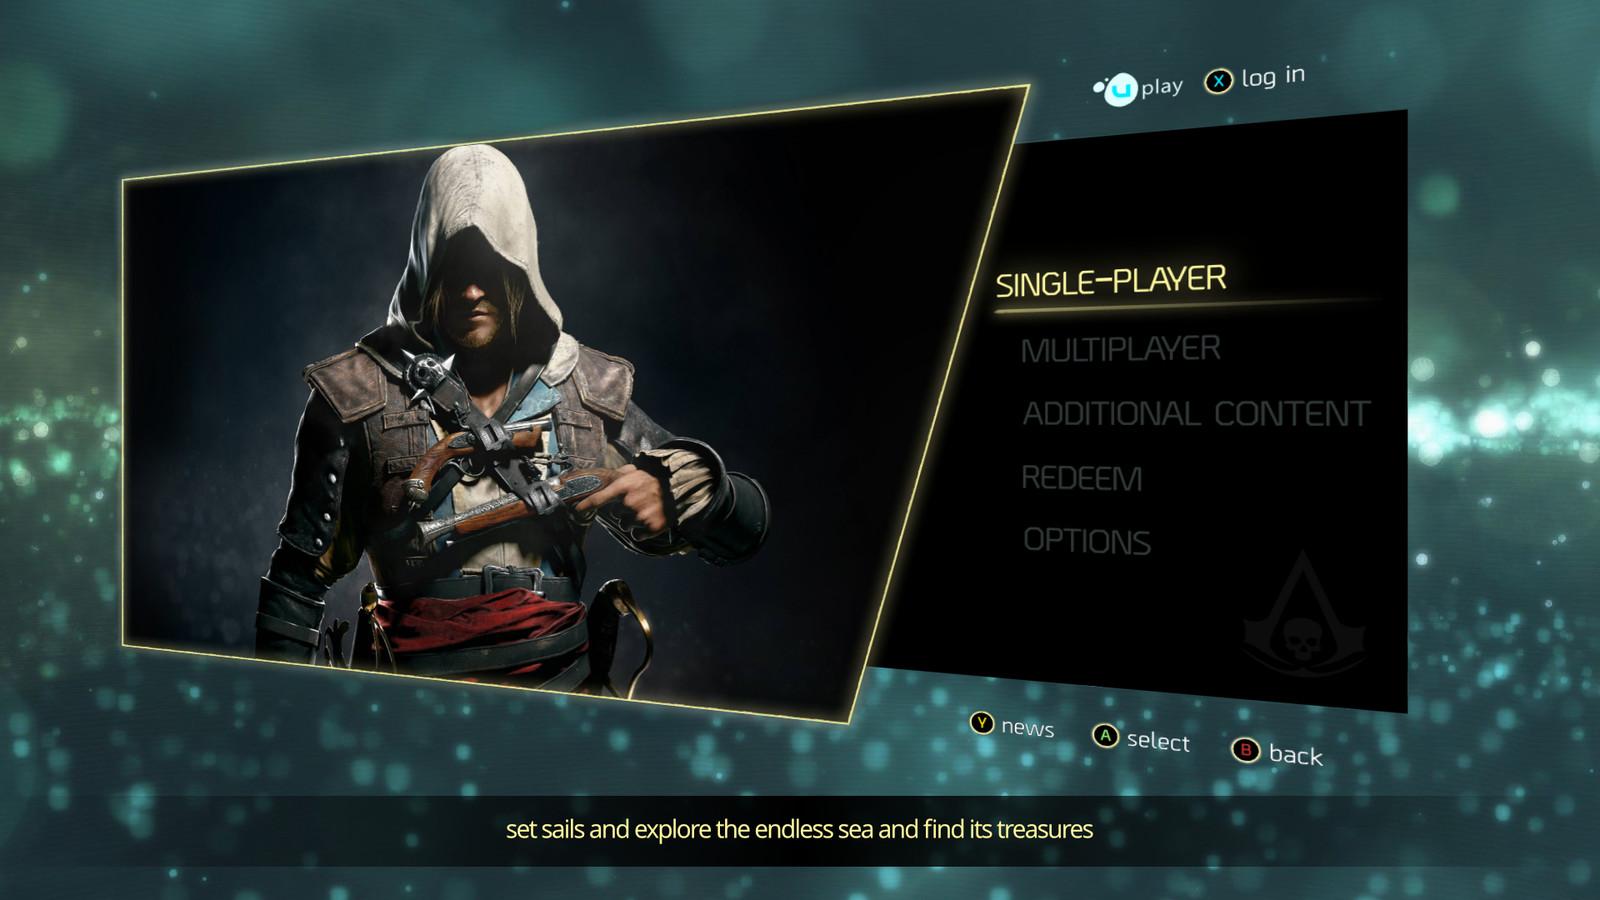 [FAN ART] Assassin's Creed Black Flag - Menu Design Concept